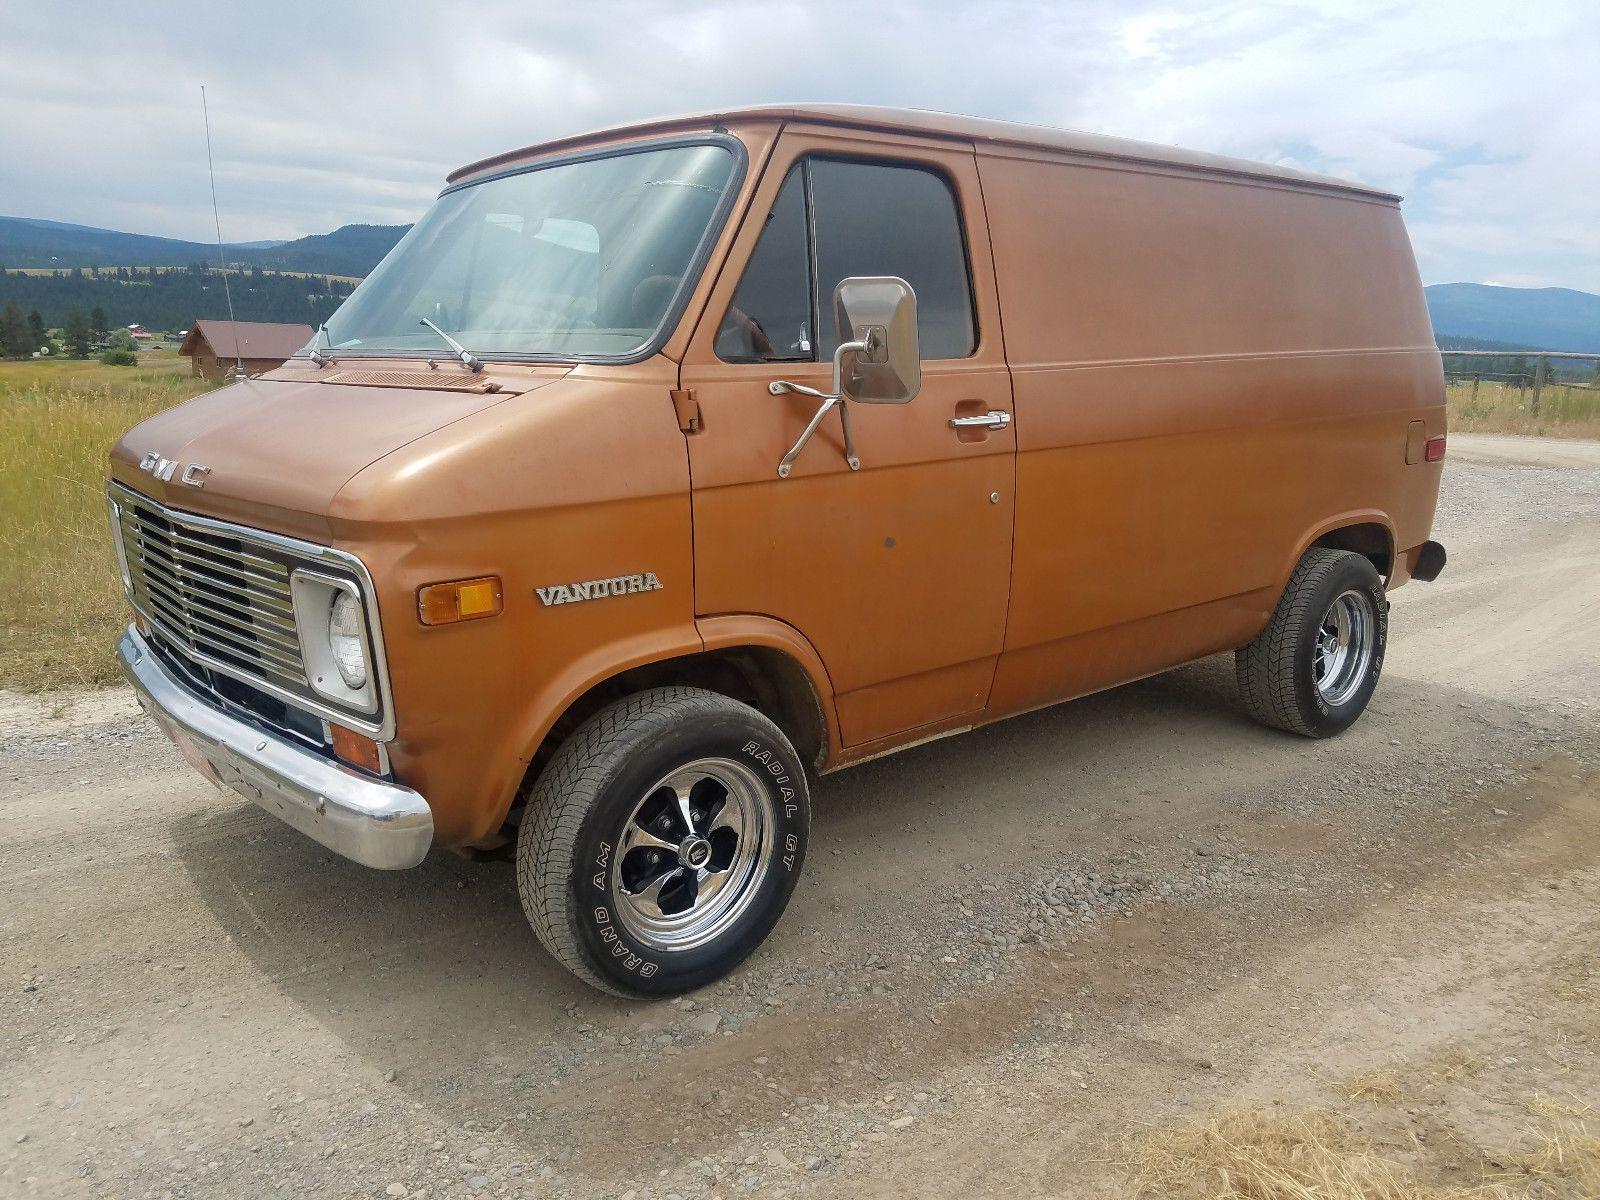 1975 Gmc Vandura Vandura Ebay Motors Cars Amp Trucks Gmc